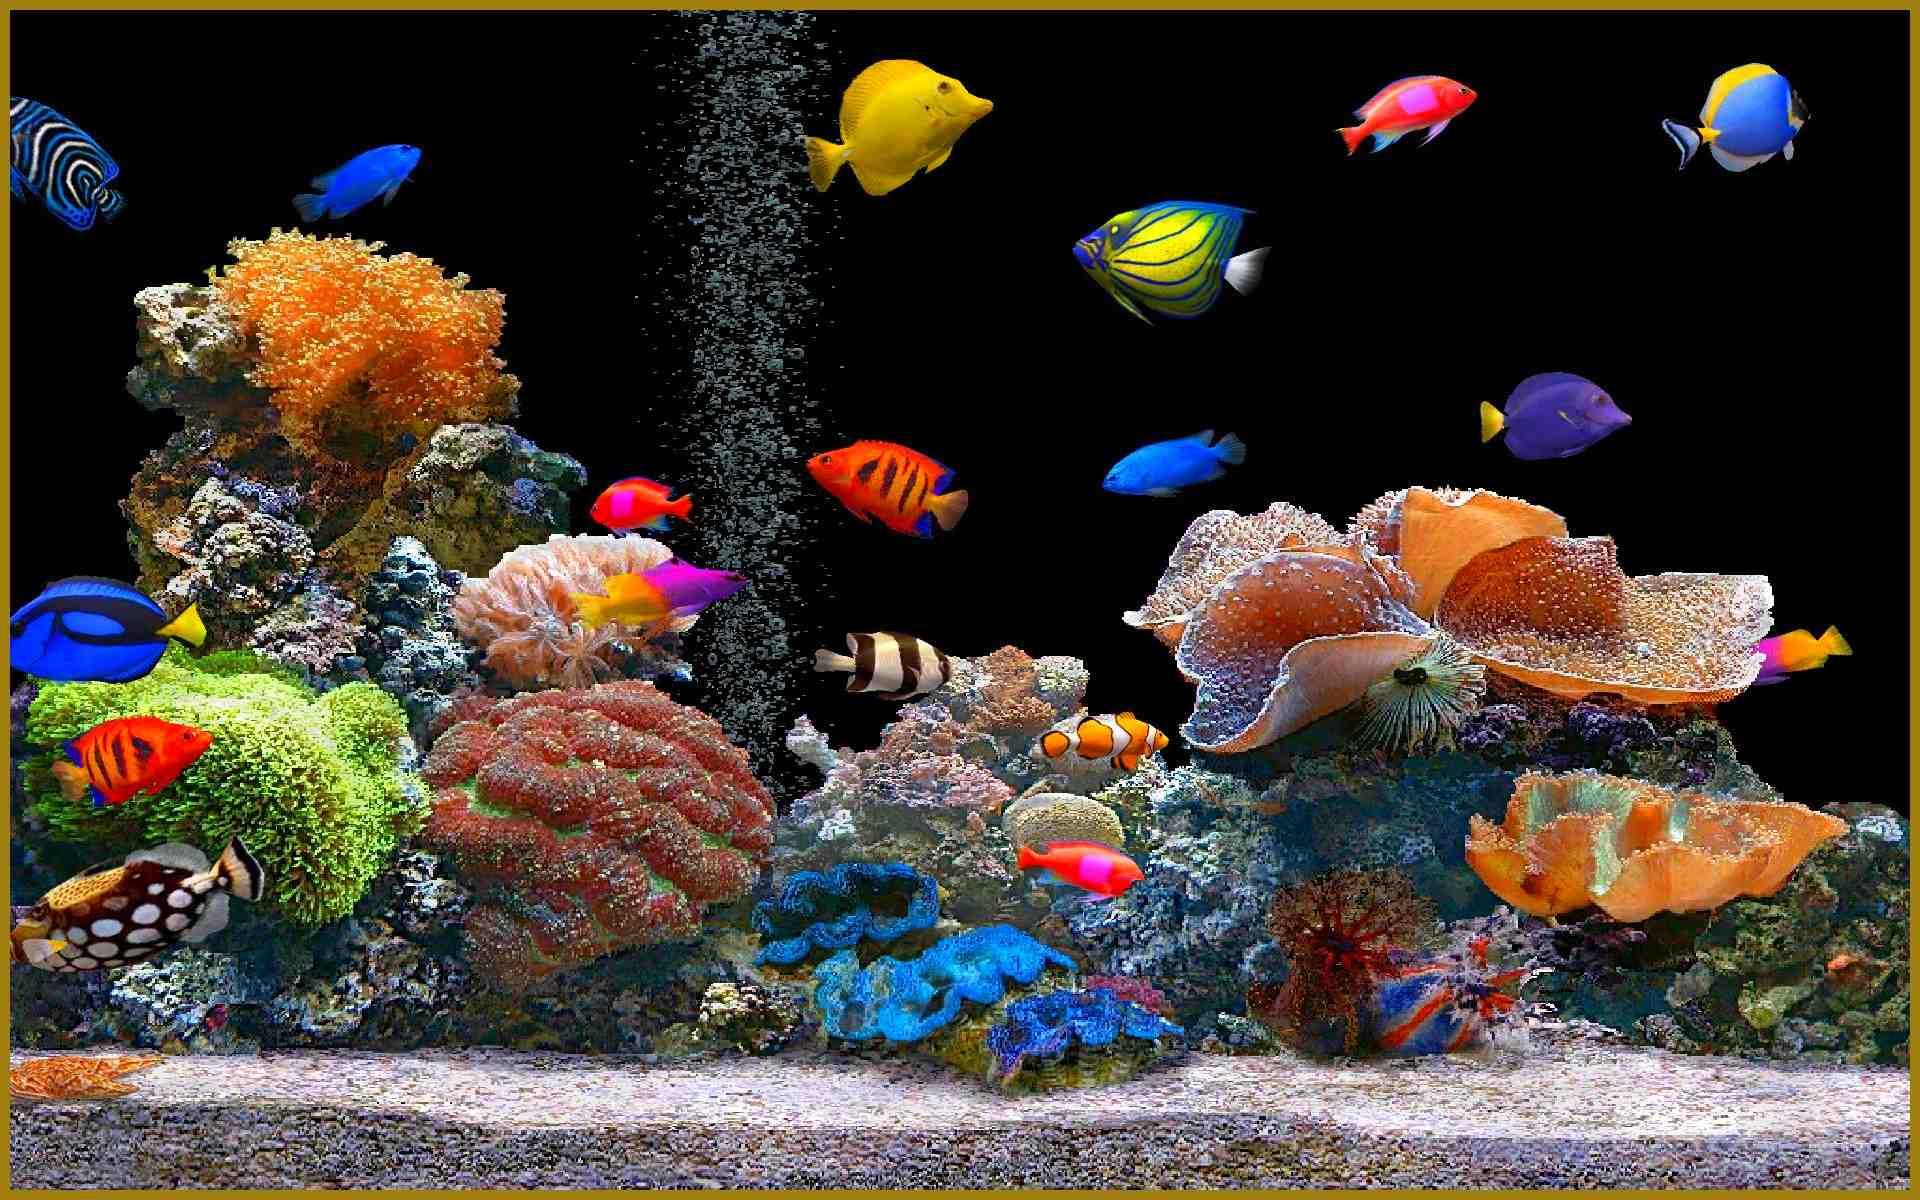 Comment oxygéner l'eau d'un aquarium sans pompe?